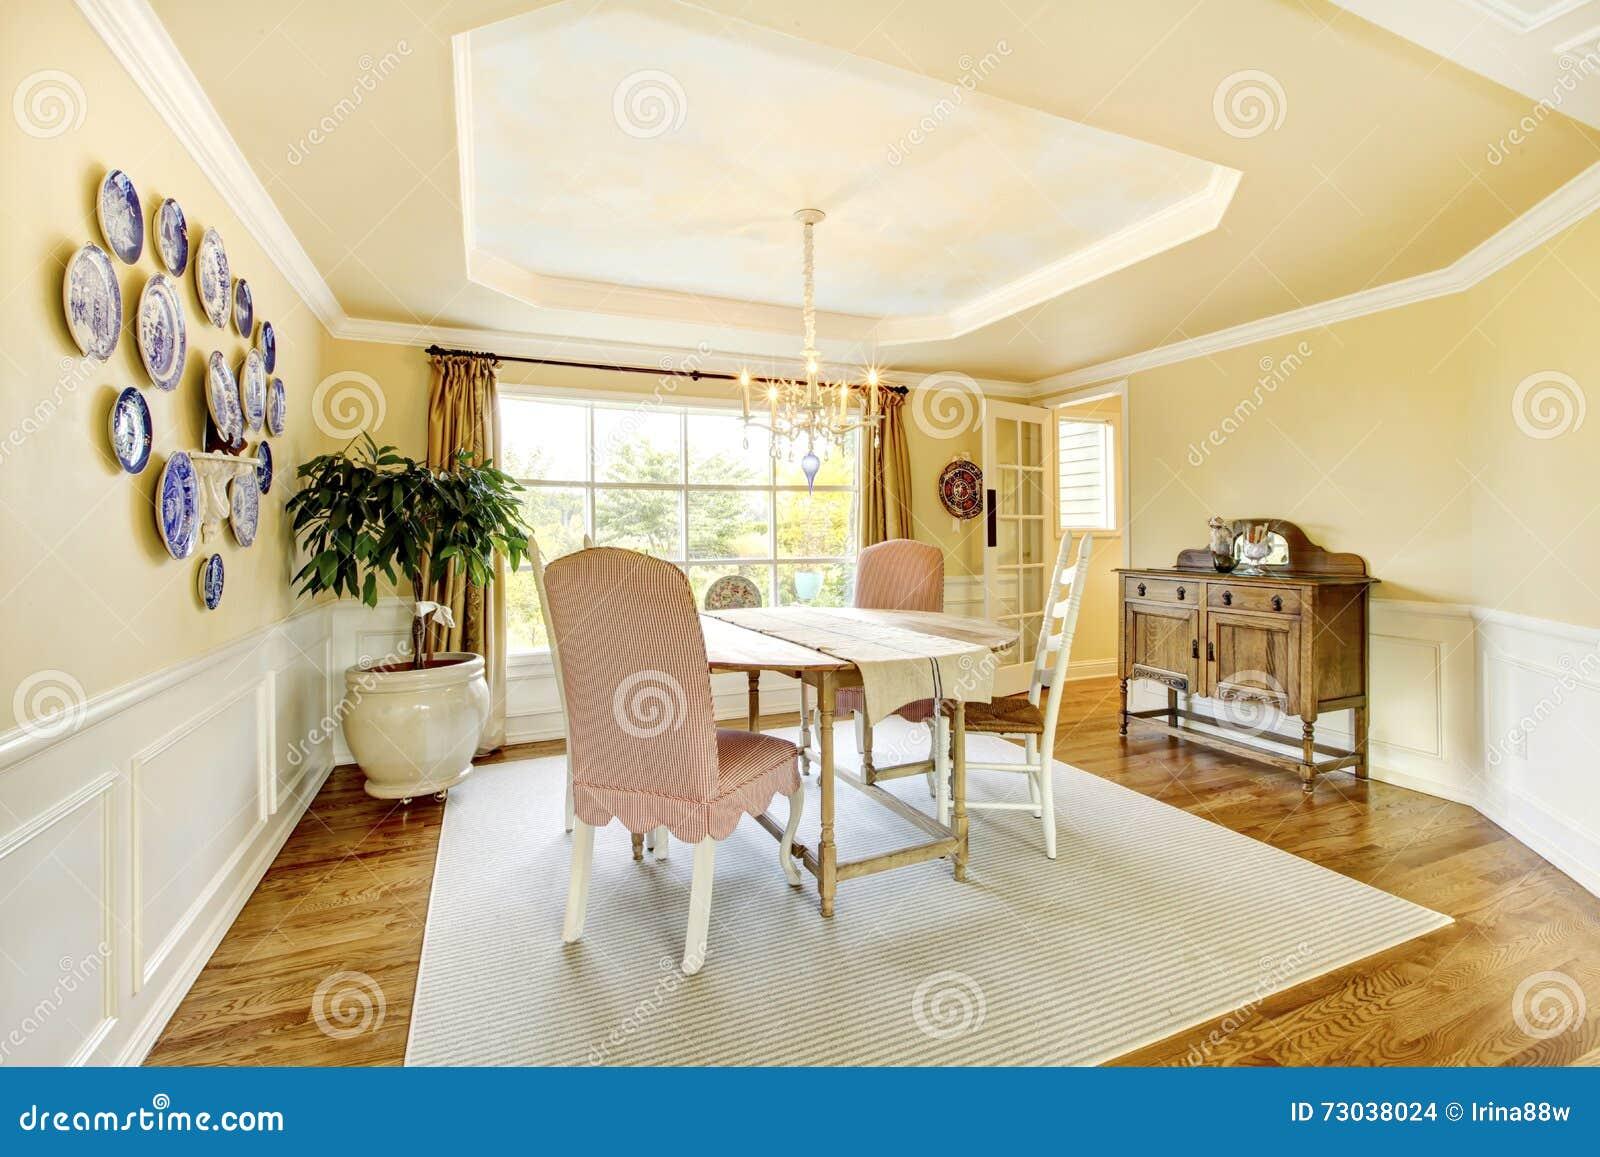 Comfortabel Geel Amerikaans Woonkamer Binnenlands Ontwerp Met Platen ...